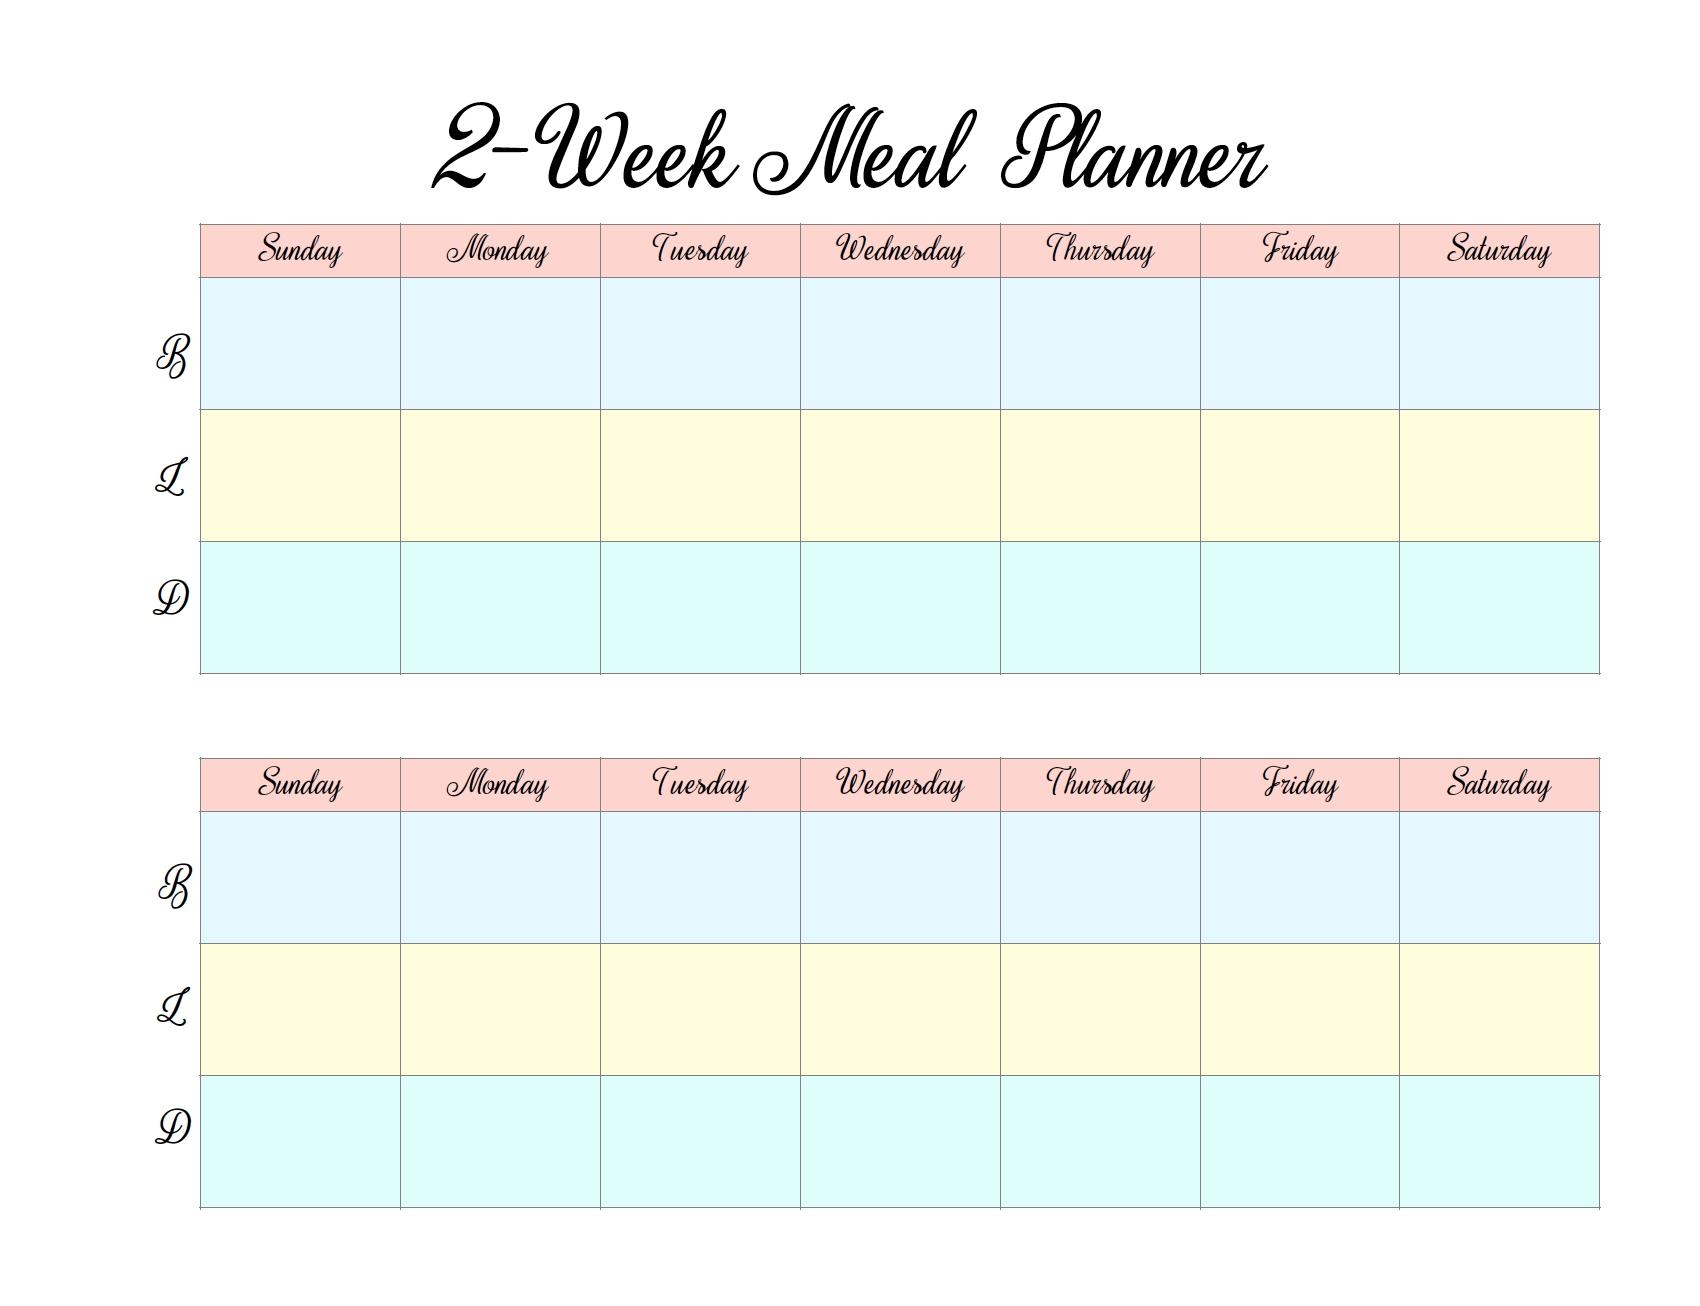 Free Printable 2-Week Meal Planners: 4 Designs